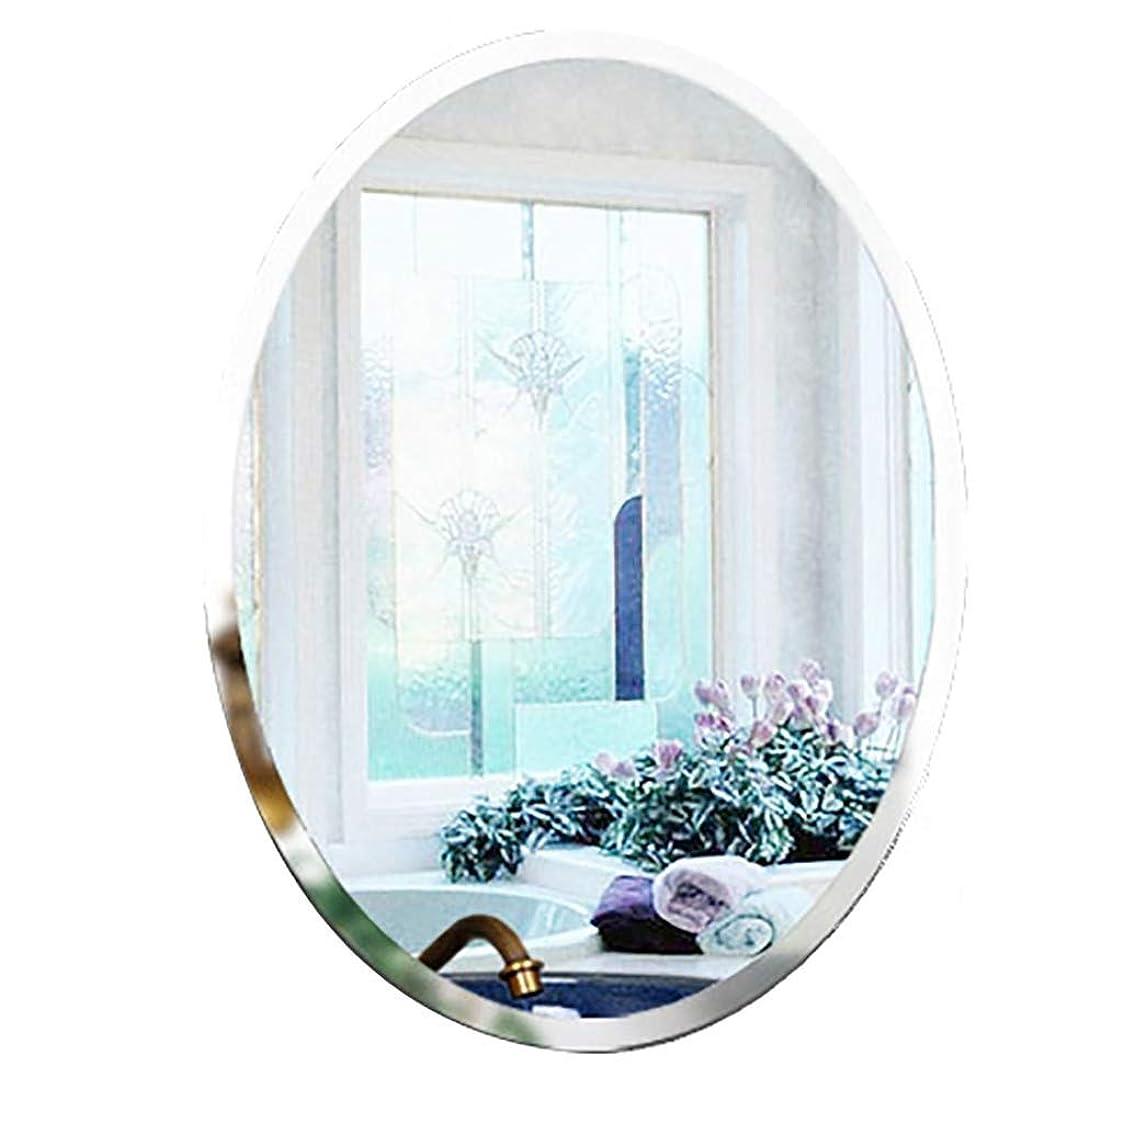 船尾エッセイ鳴らすSelm 壁掛け化粧鏡、オーバルフレームレス浴室用ミラー壁掛け固定金具ハードウェア用バスルーム洗面所50CMx70CM